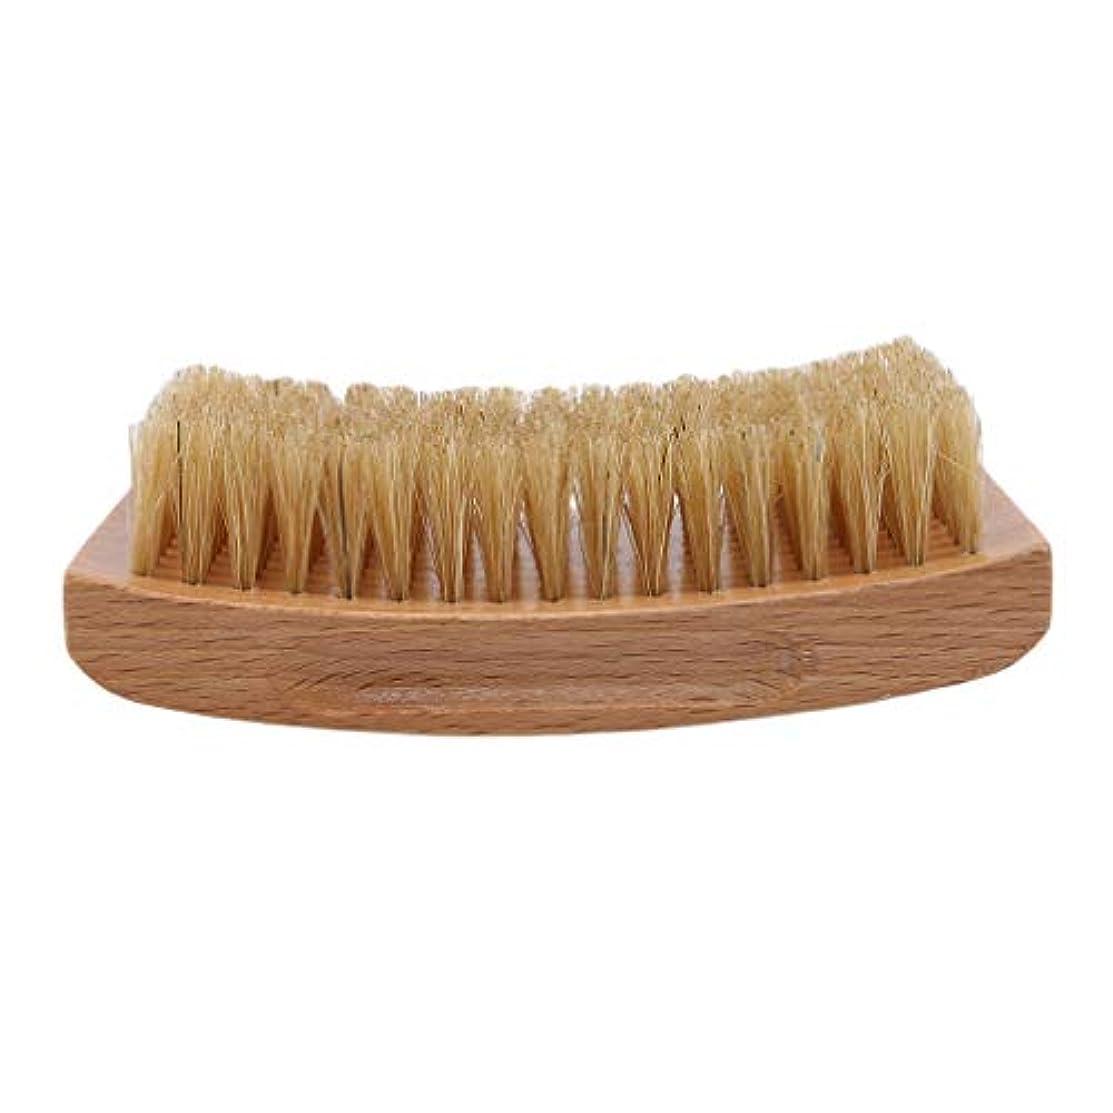 怒っているホーン擬人Largesoy ひげブラシ シェービングブラシ 理容 洗顔 髭剃り 泡立ち ひげ剃り 美容ツール シェービング用アクセサリー 1#